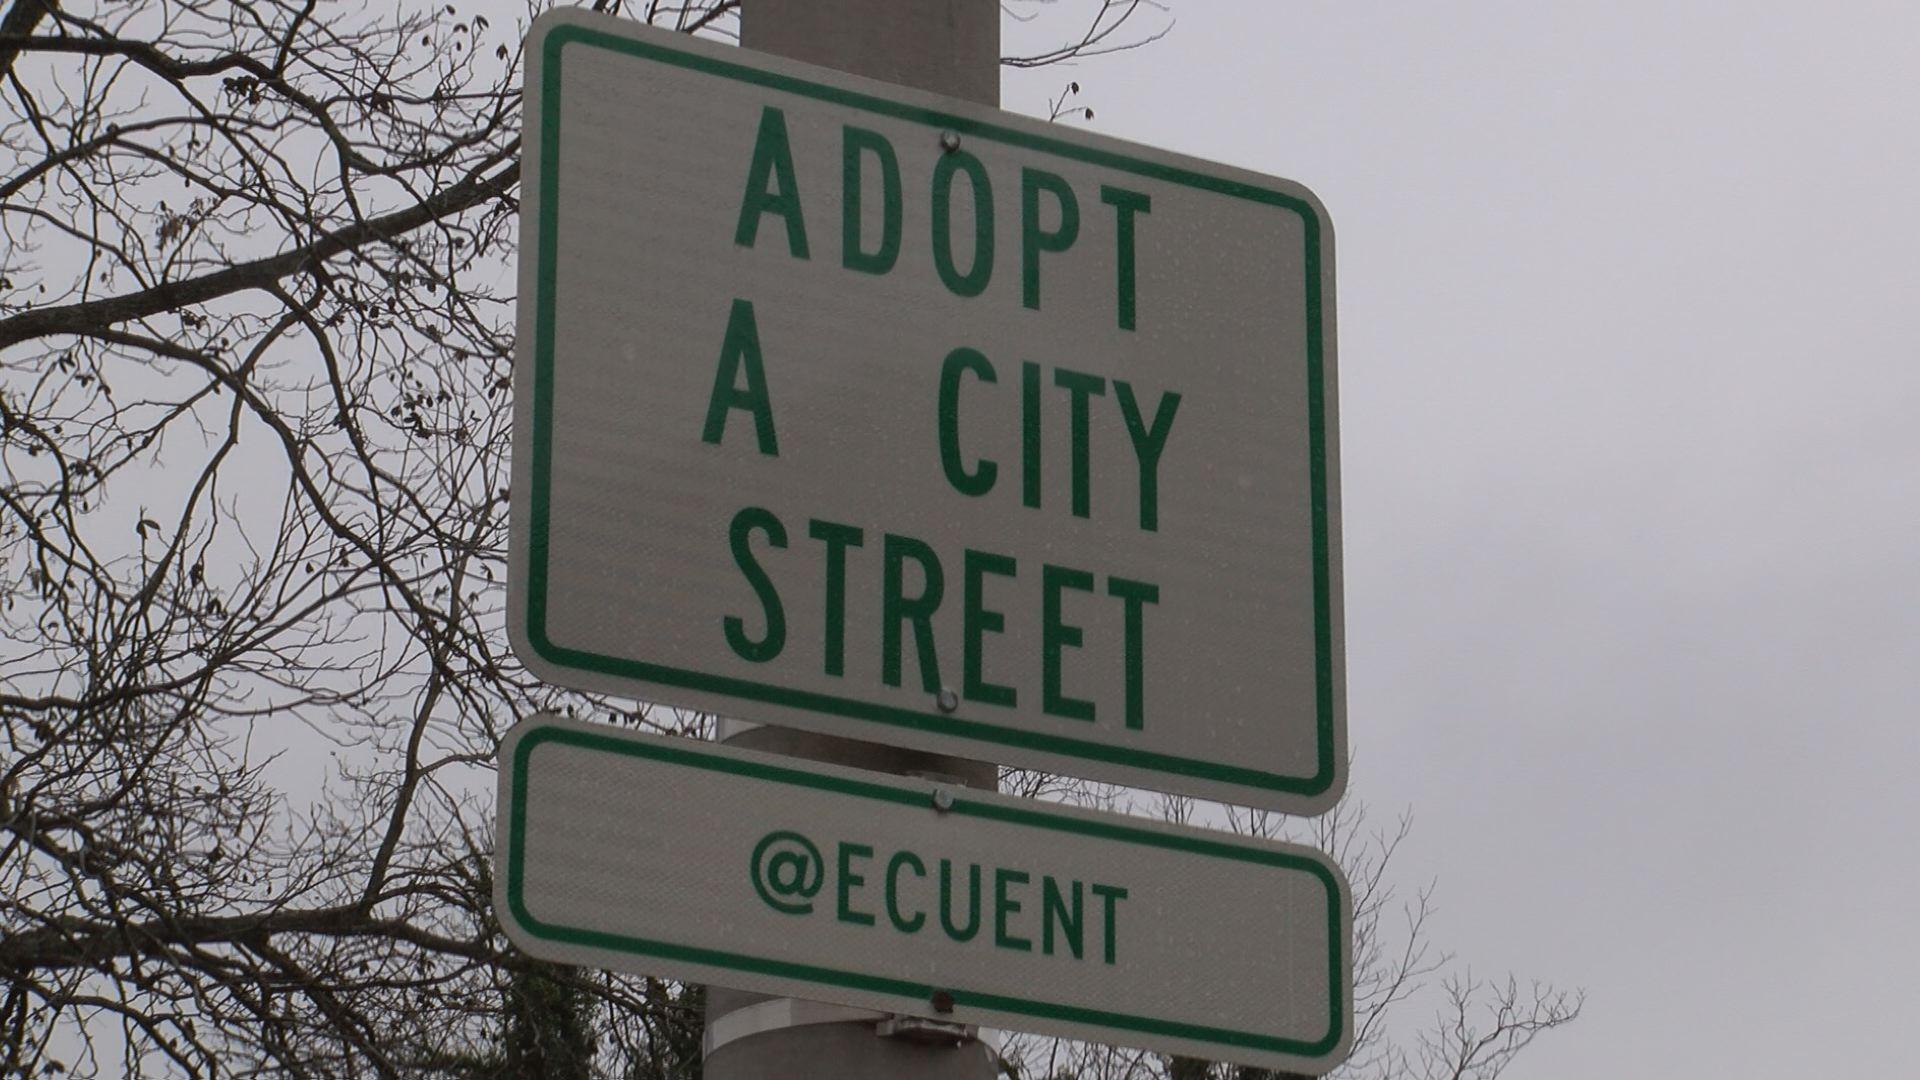 ADOPT A STREET_568792